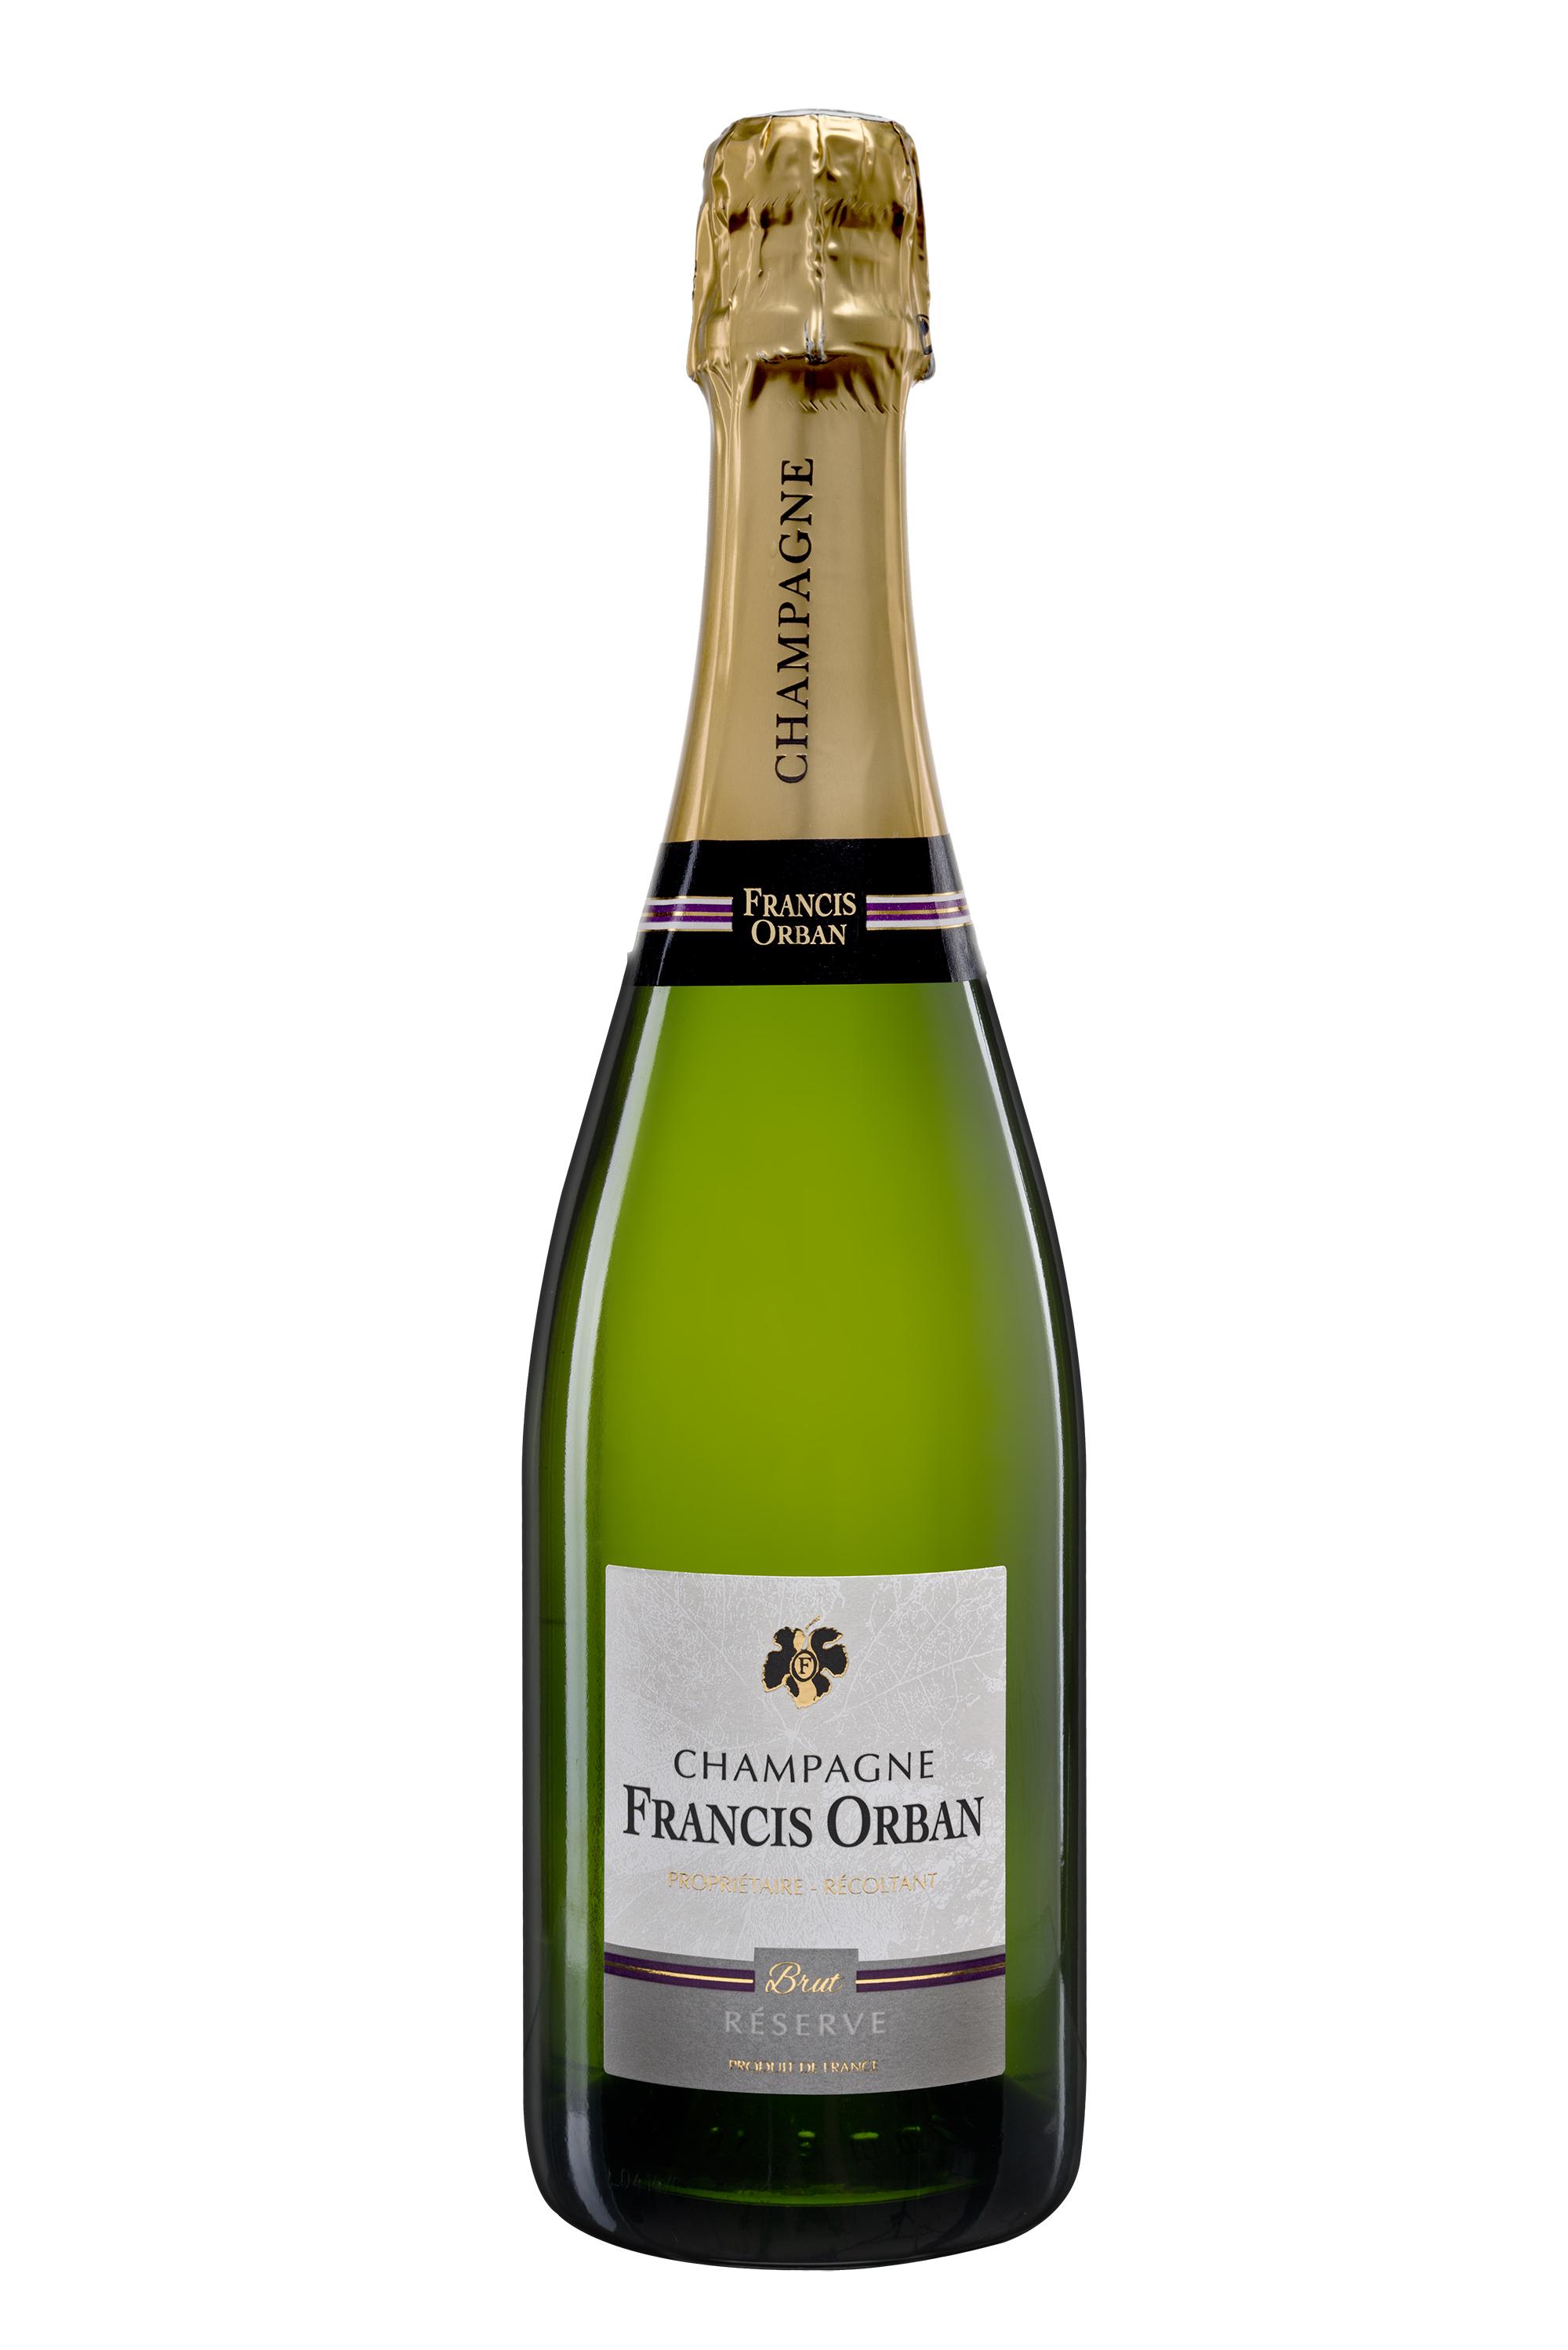 Champagne Francis Orban Brut Réserve